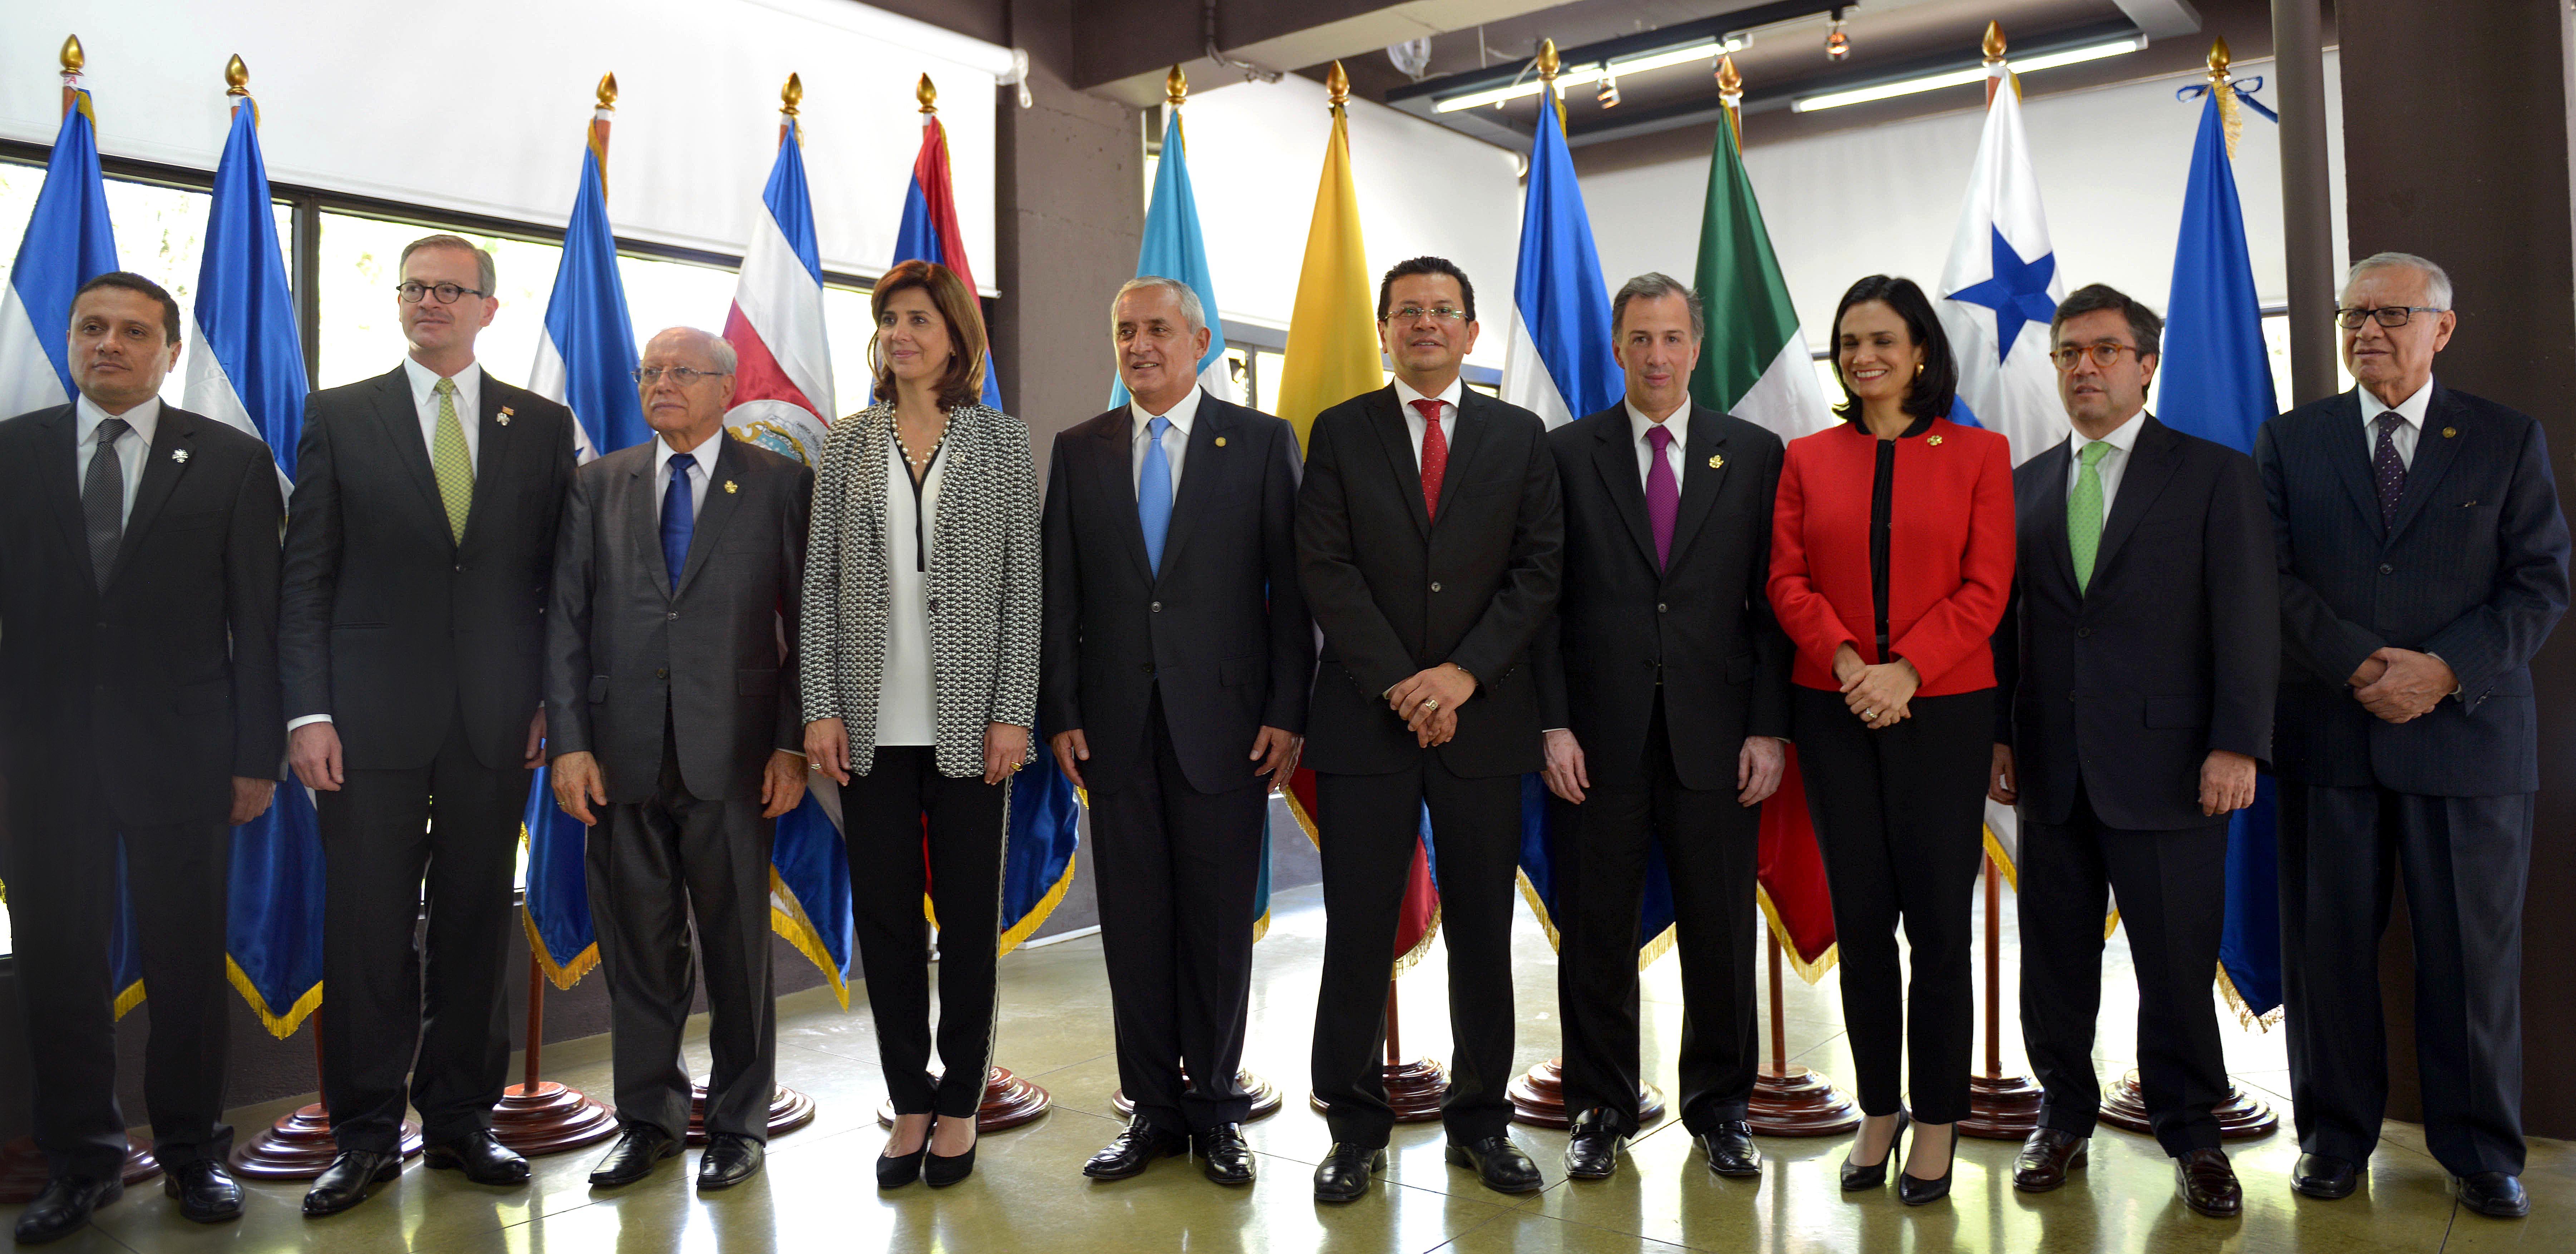 FOTO 1 Foto oficial de los ministros de Exteriores del Mecanismo de Di logo y Concertaci n de Tuxtlajpg